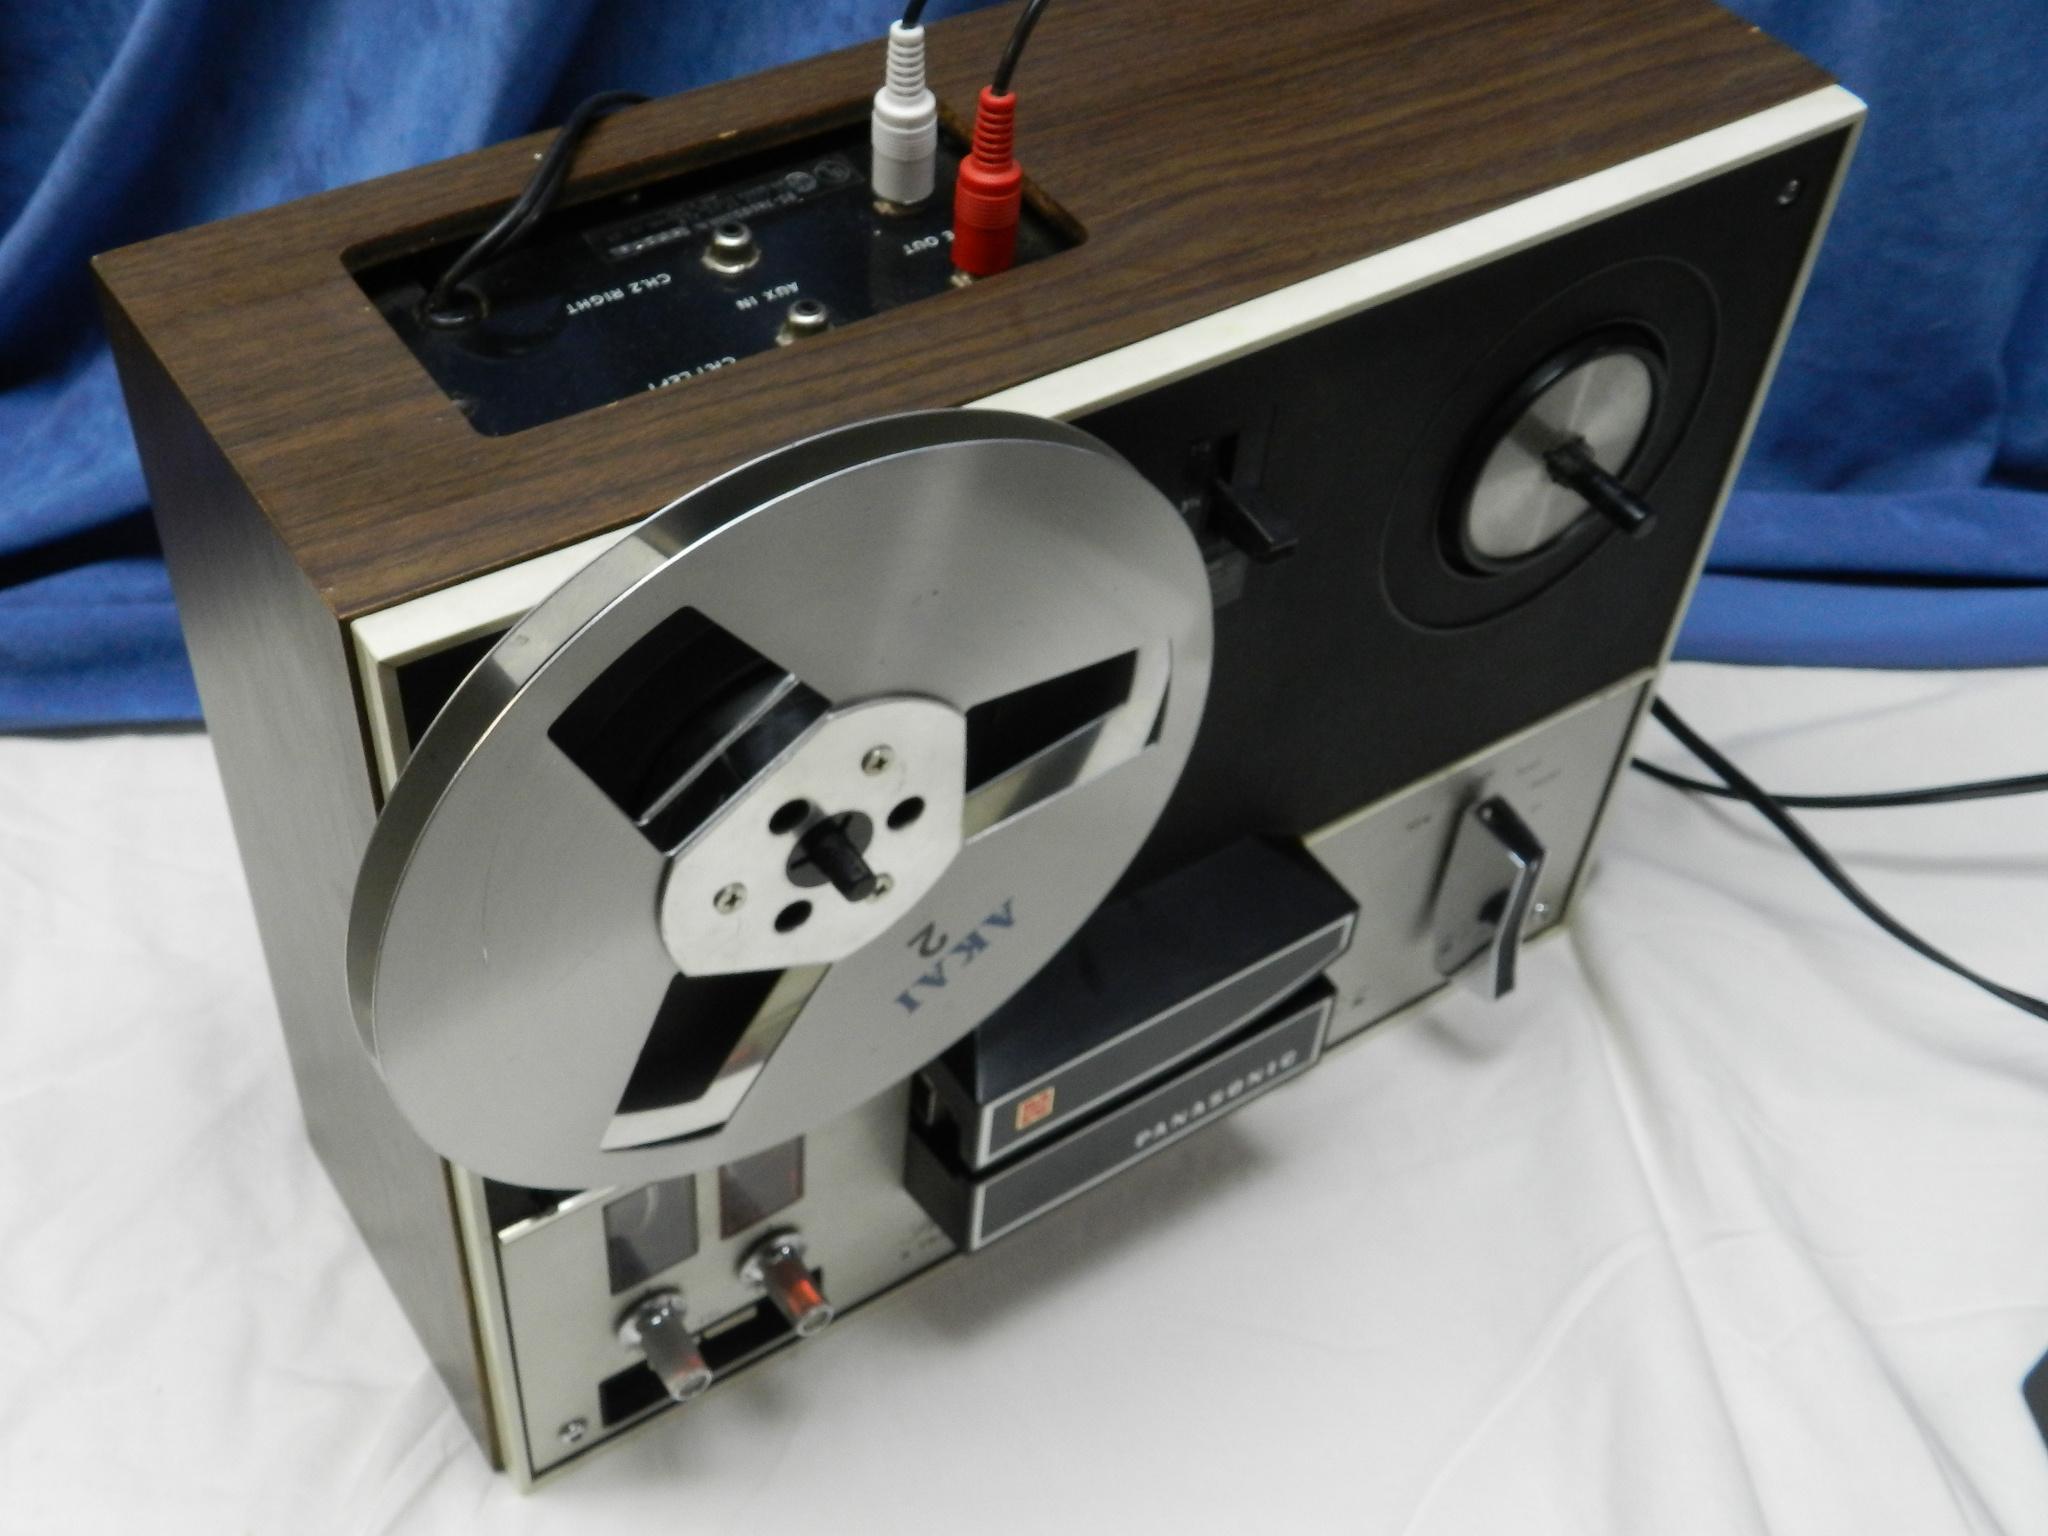 $25 - Panasonic Open Reel to Reel Audio Deck